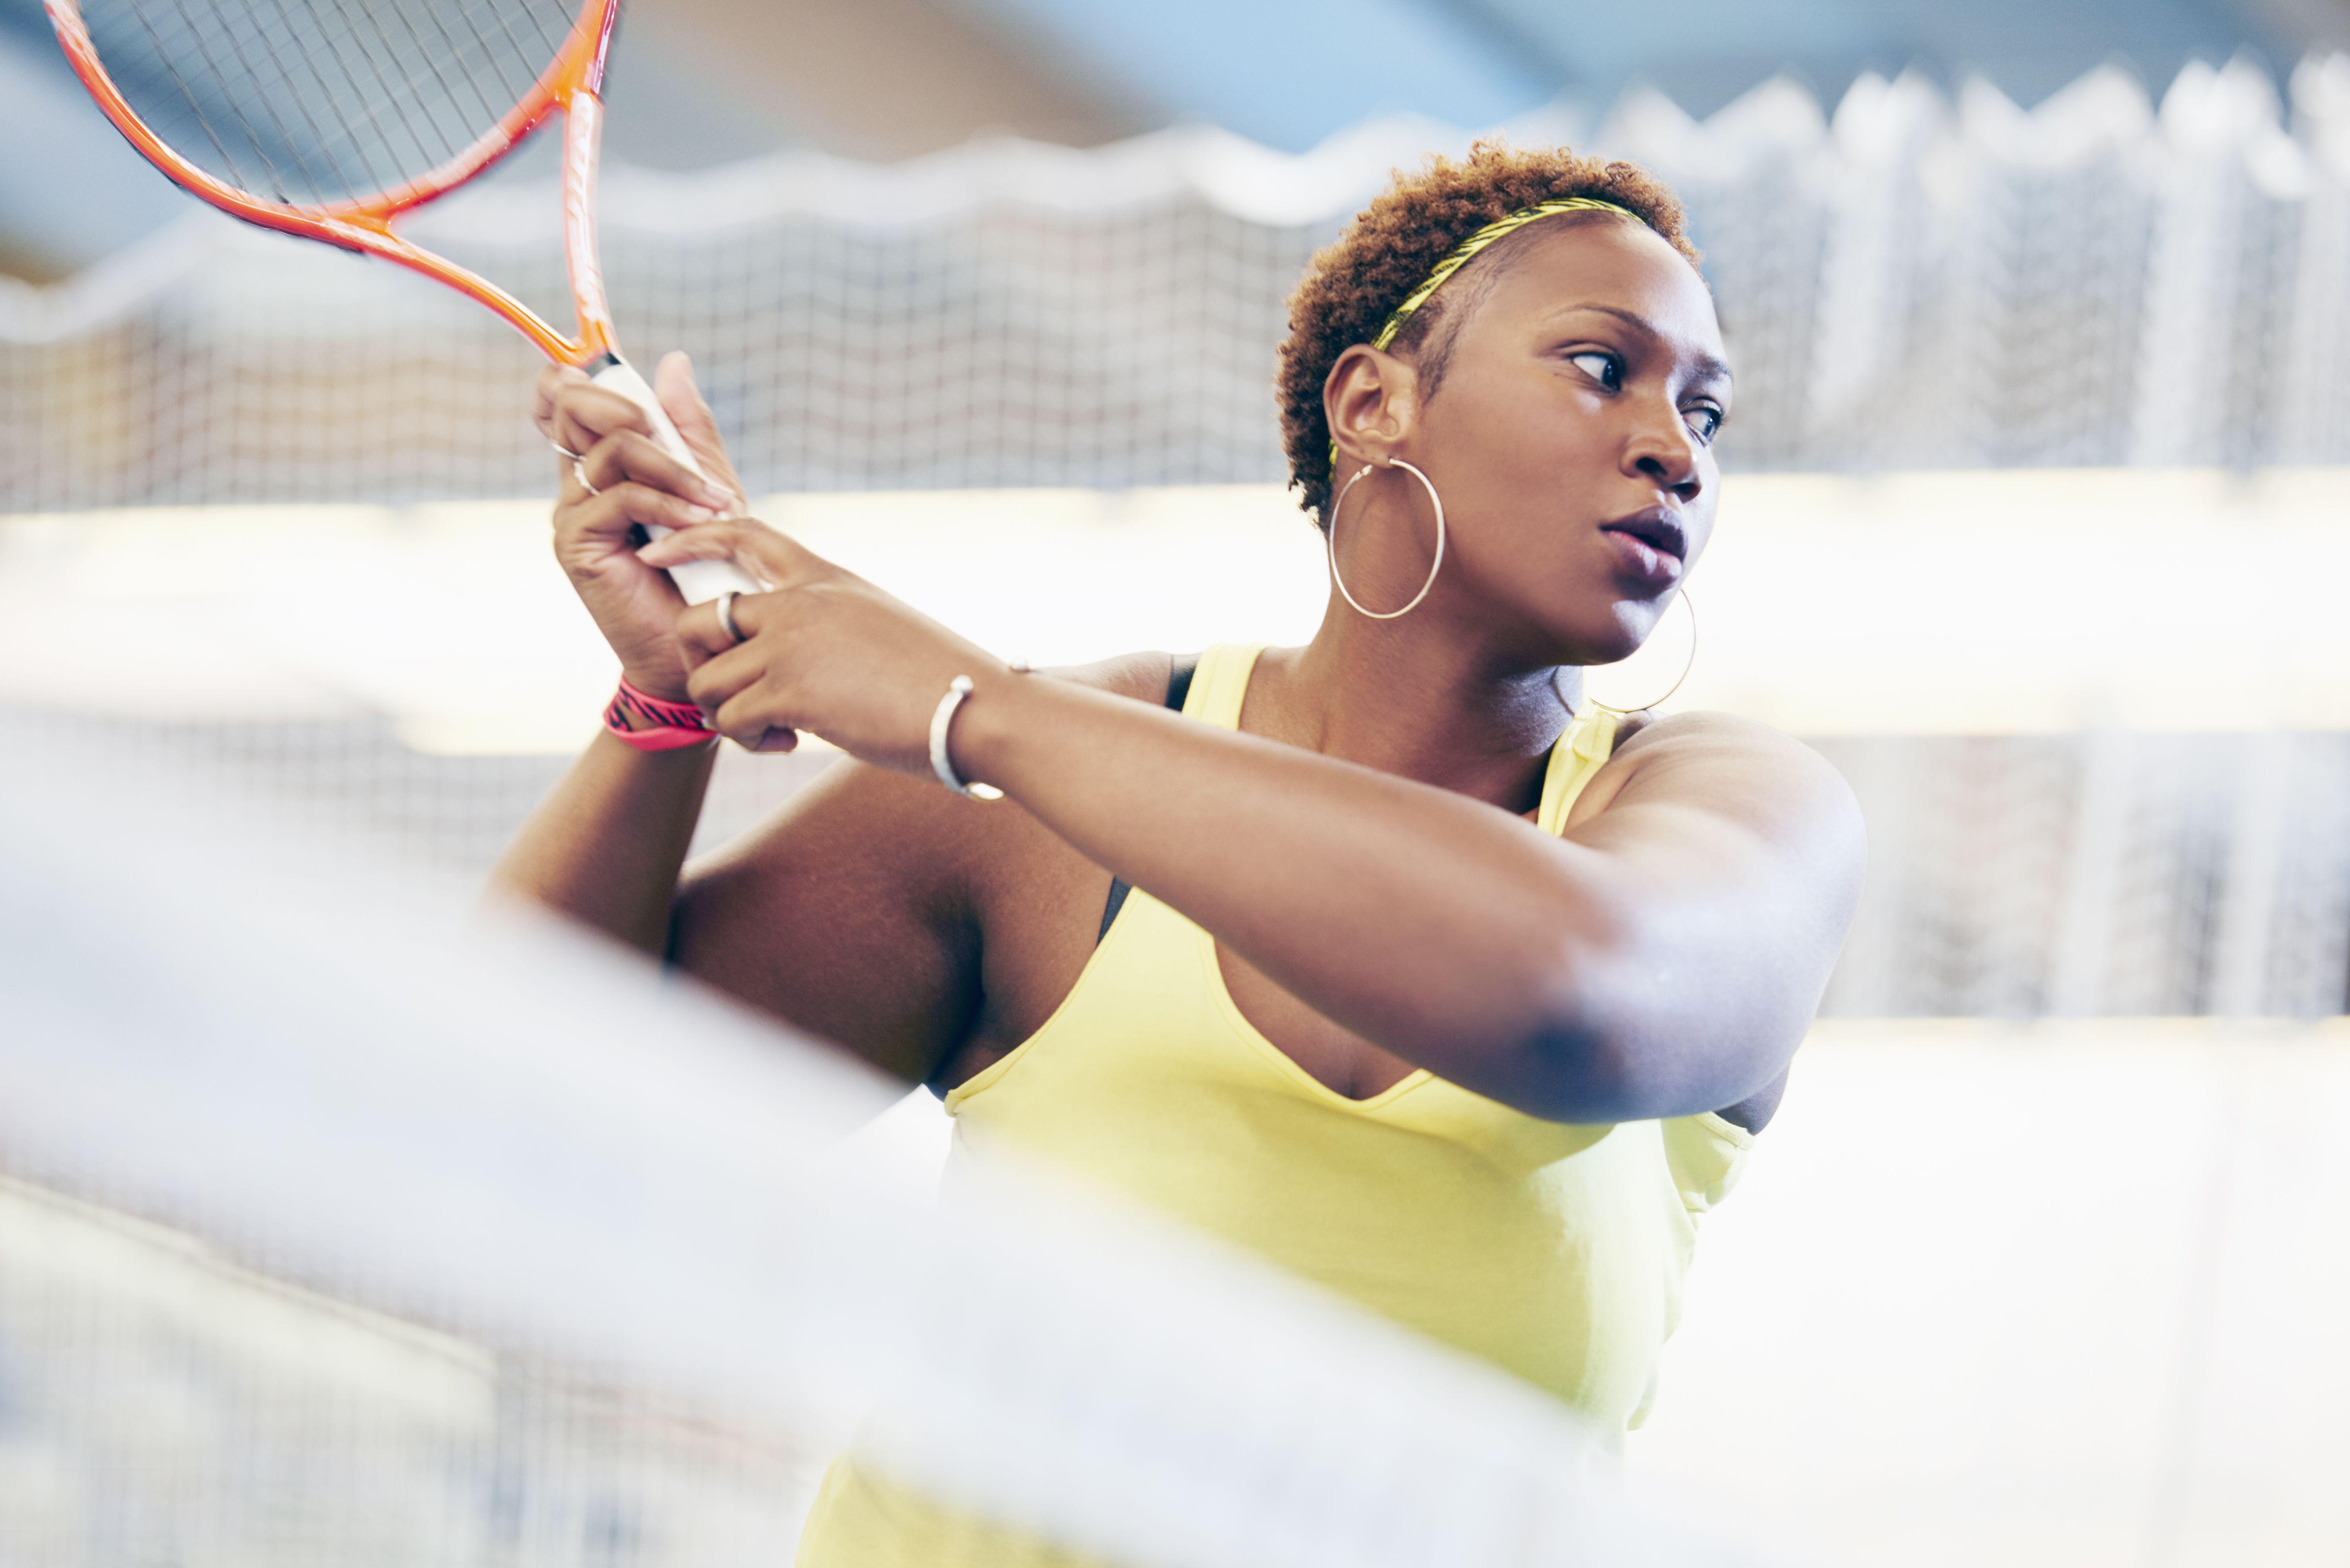 Mulher de esportes na raquete de tênis